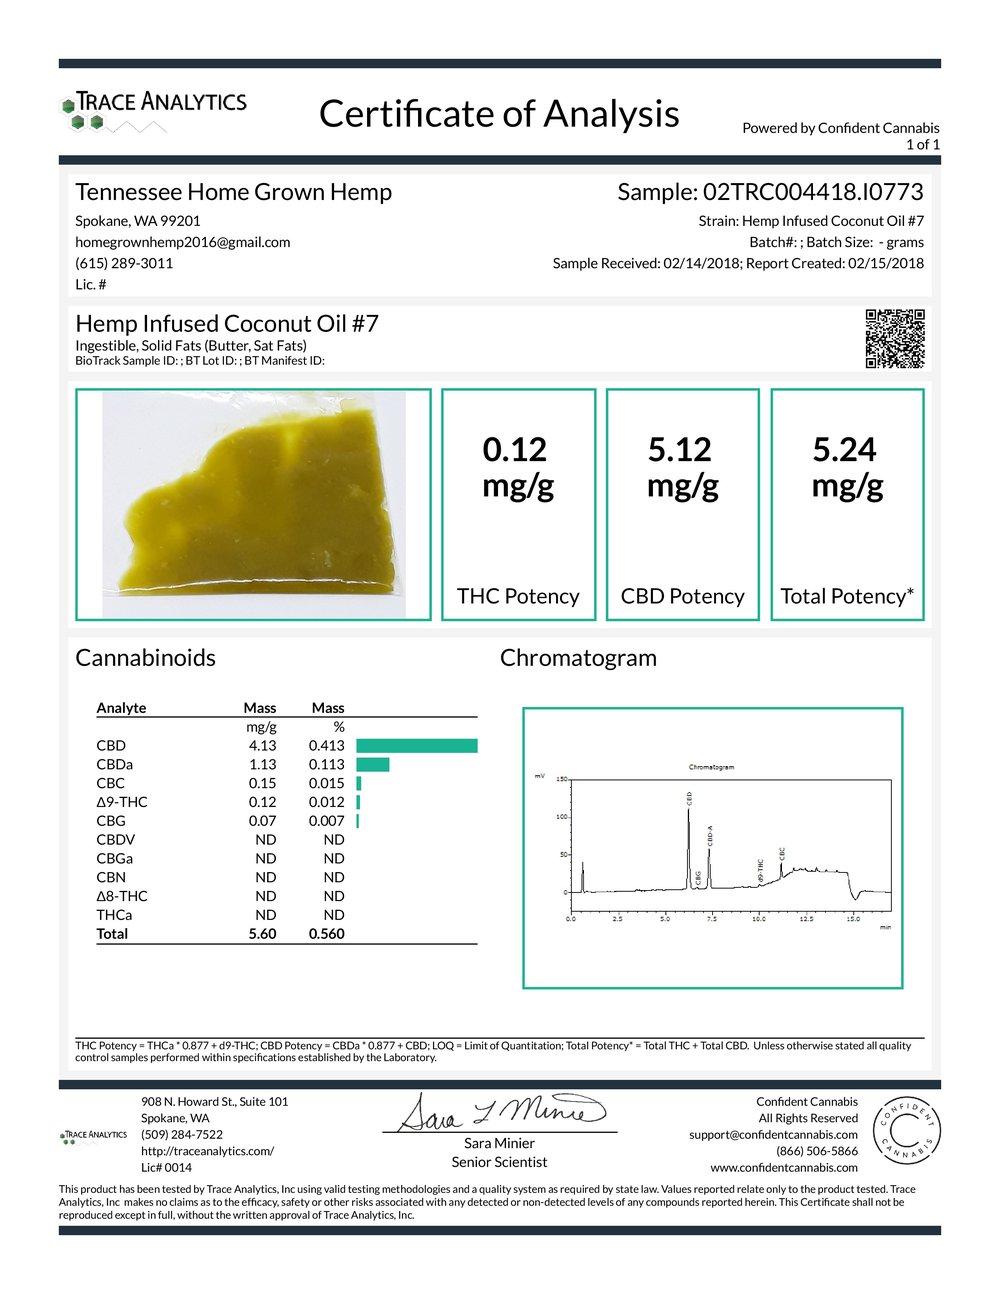 cbd butter info page.jpg